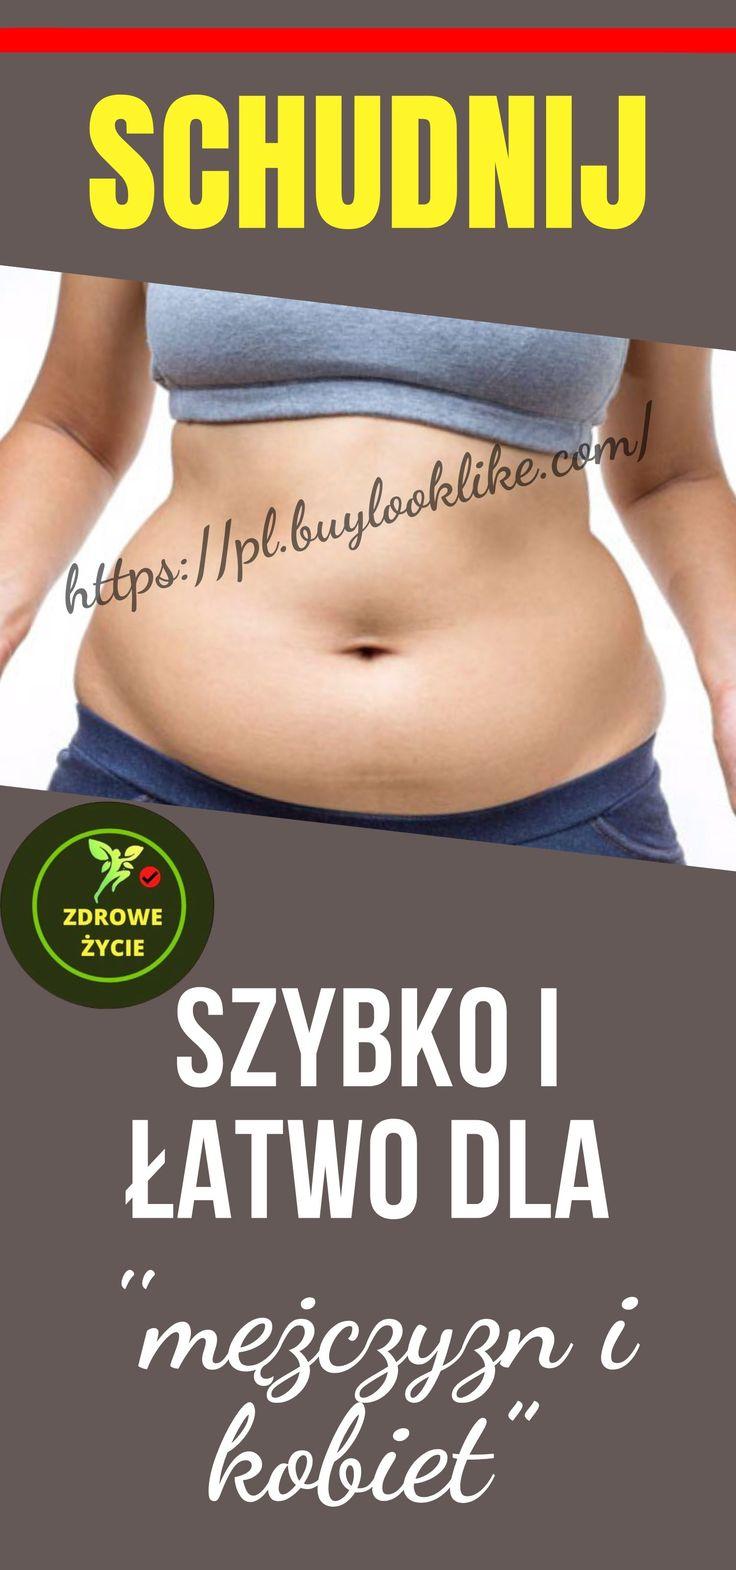 W jaki sposób szybko schudnąć 10 kg? - sunela.eu -